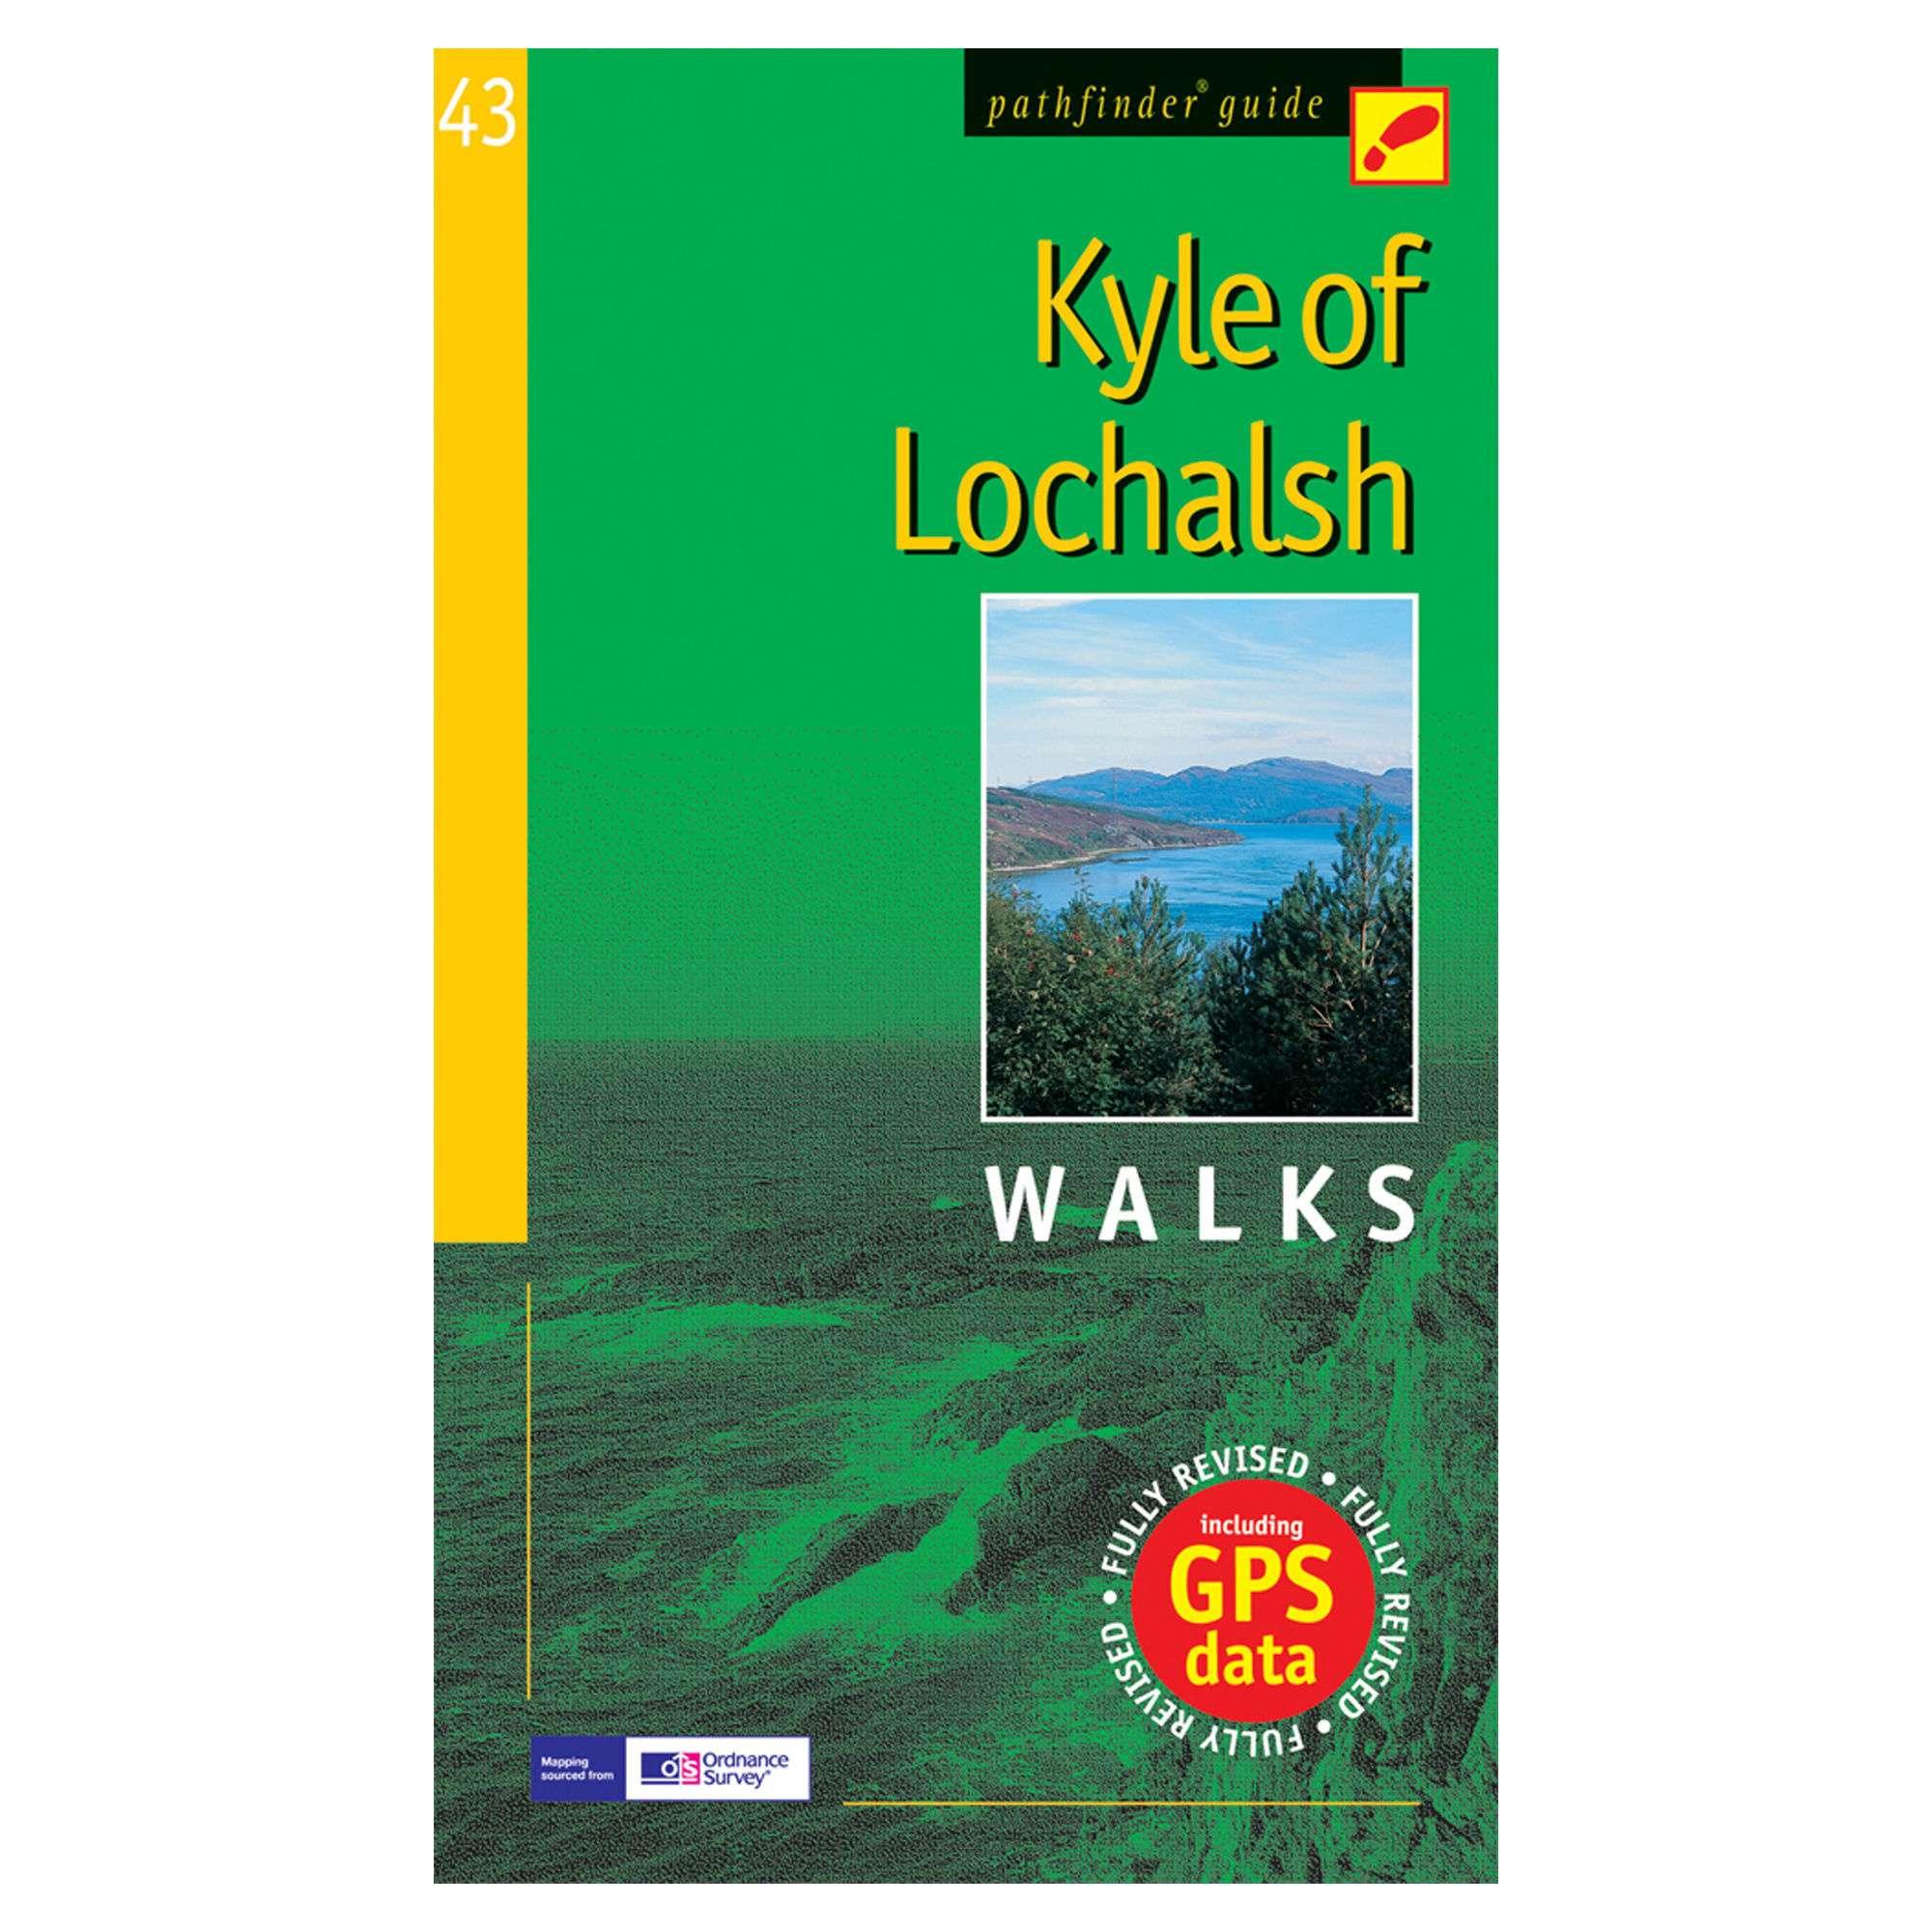 PATHFINDER Kyle of Lochalsh Walks Guide